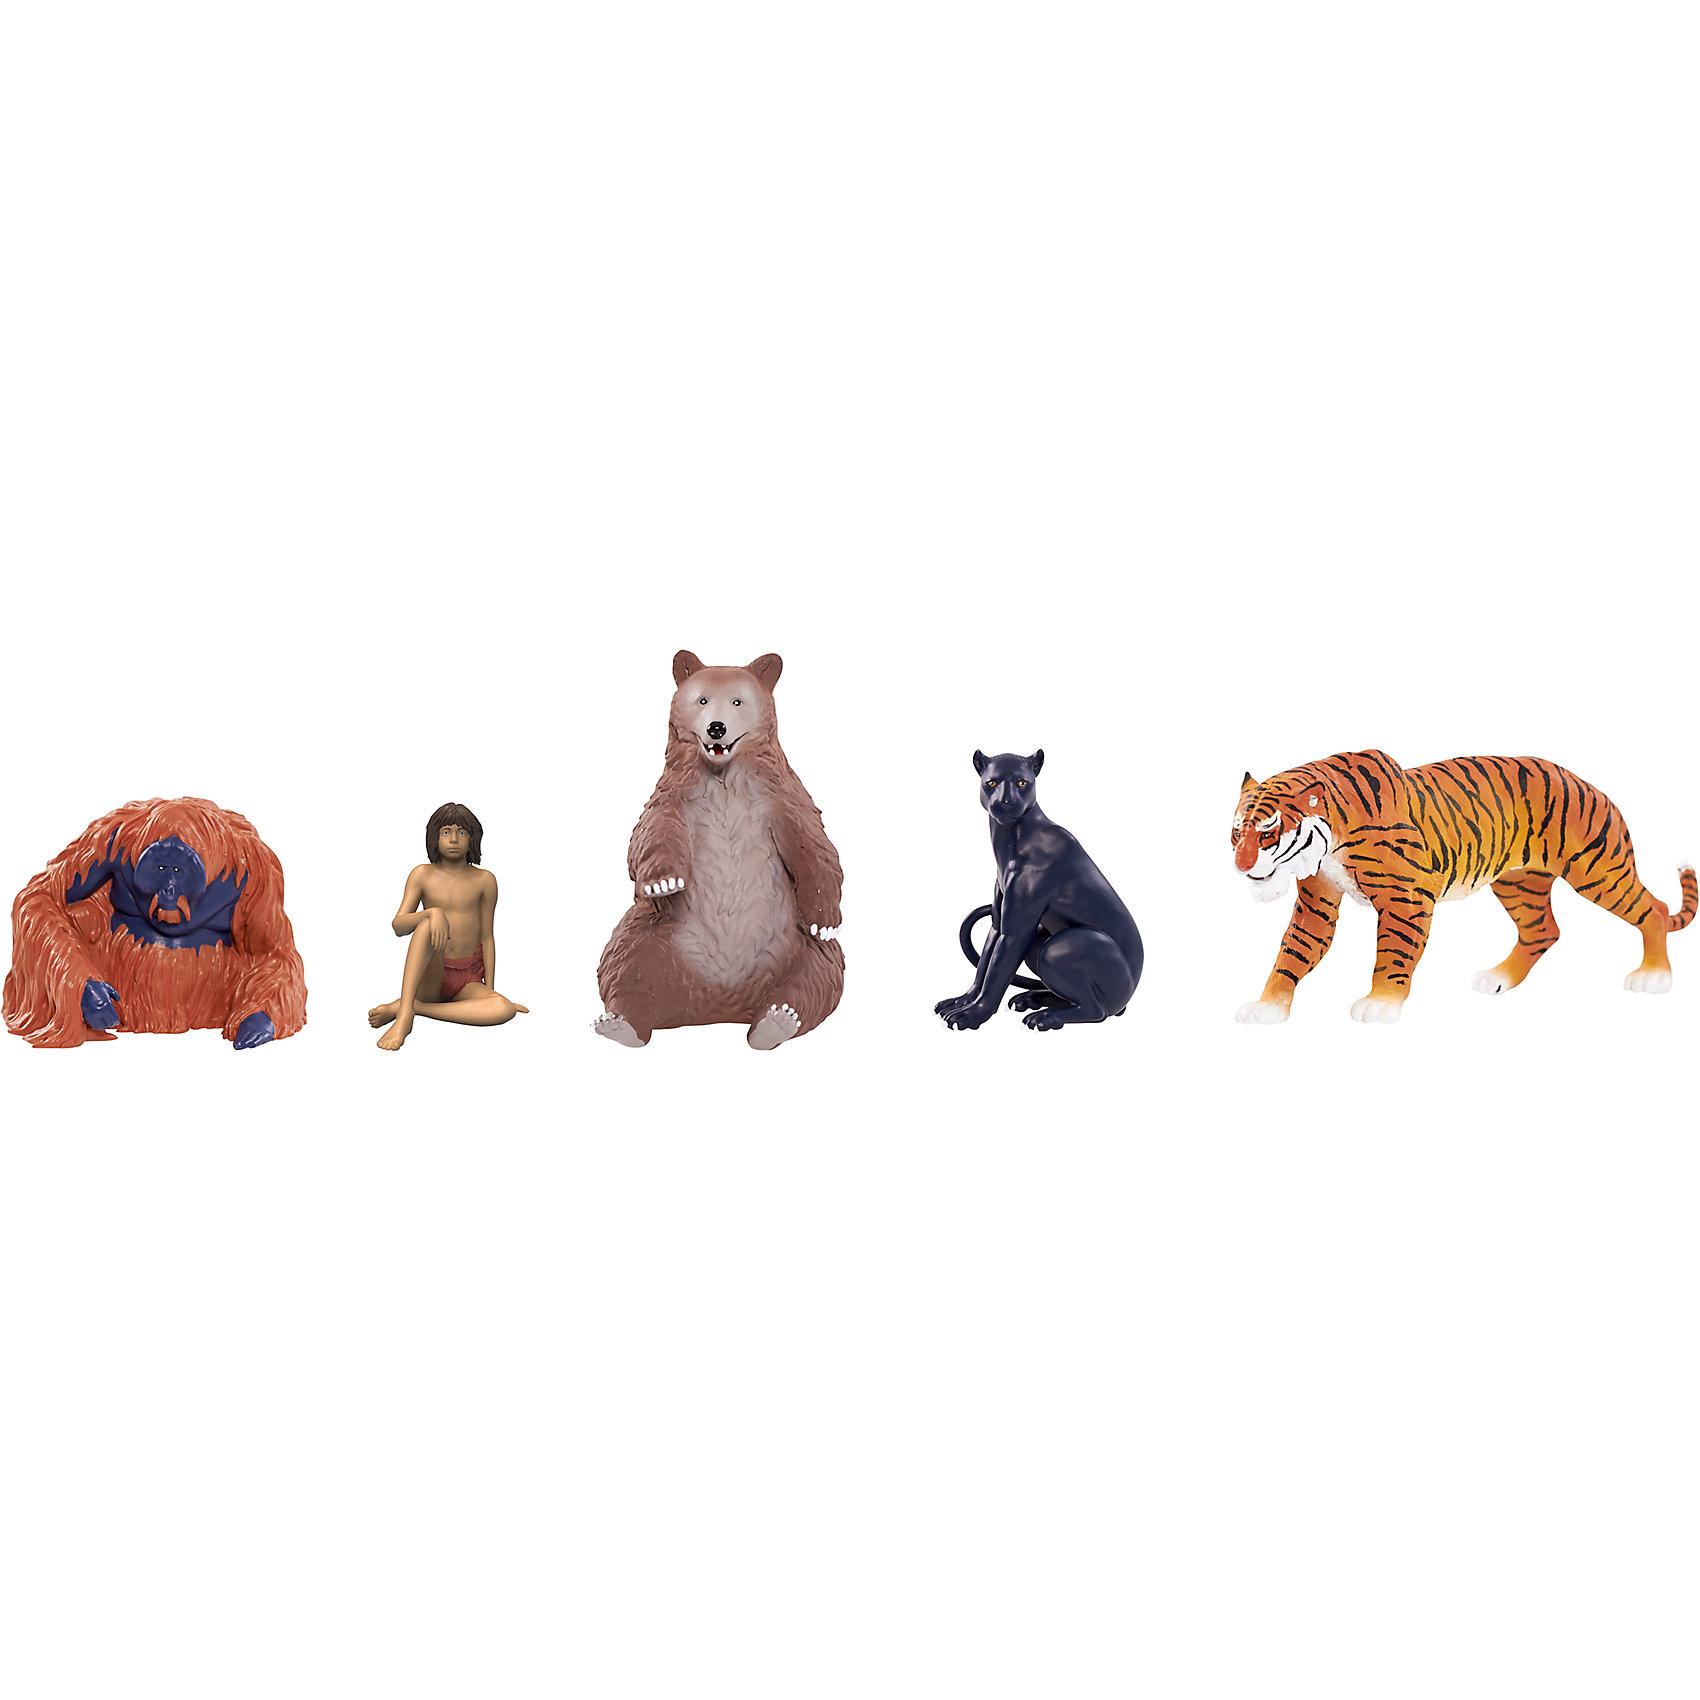 Игрушка Книга джунглей, 5 фигурок в блистере, Jungle BookВ наборе представлены фигурки храброго мальчика Маугли, добродушного медведя Балу, обезьяны Короля Луи, грозного тигра Шерхана, а также грациозной пантеры Багиры. Игрушки упакованы в коробку-блистер.<br><br>Ширина мм: 290<br>Глубина мм: 130<br>Высота мм: 120<br>Вес г: 360<br>Возраст от месяцев: 36<br>Возраст до месяцев: 144<br>Пол: Унисекс<br>Возраст: Детский<br>SKU: 4653322